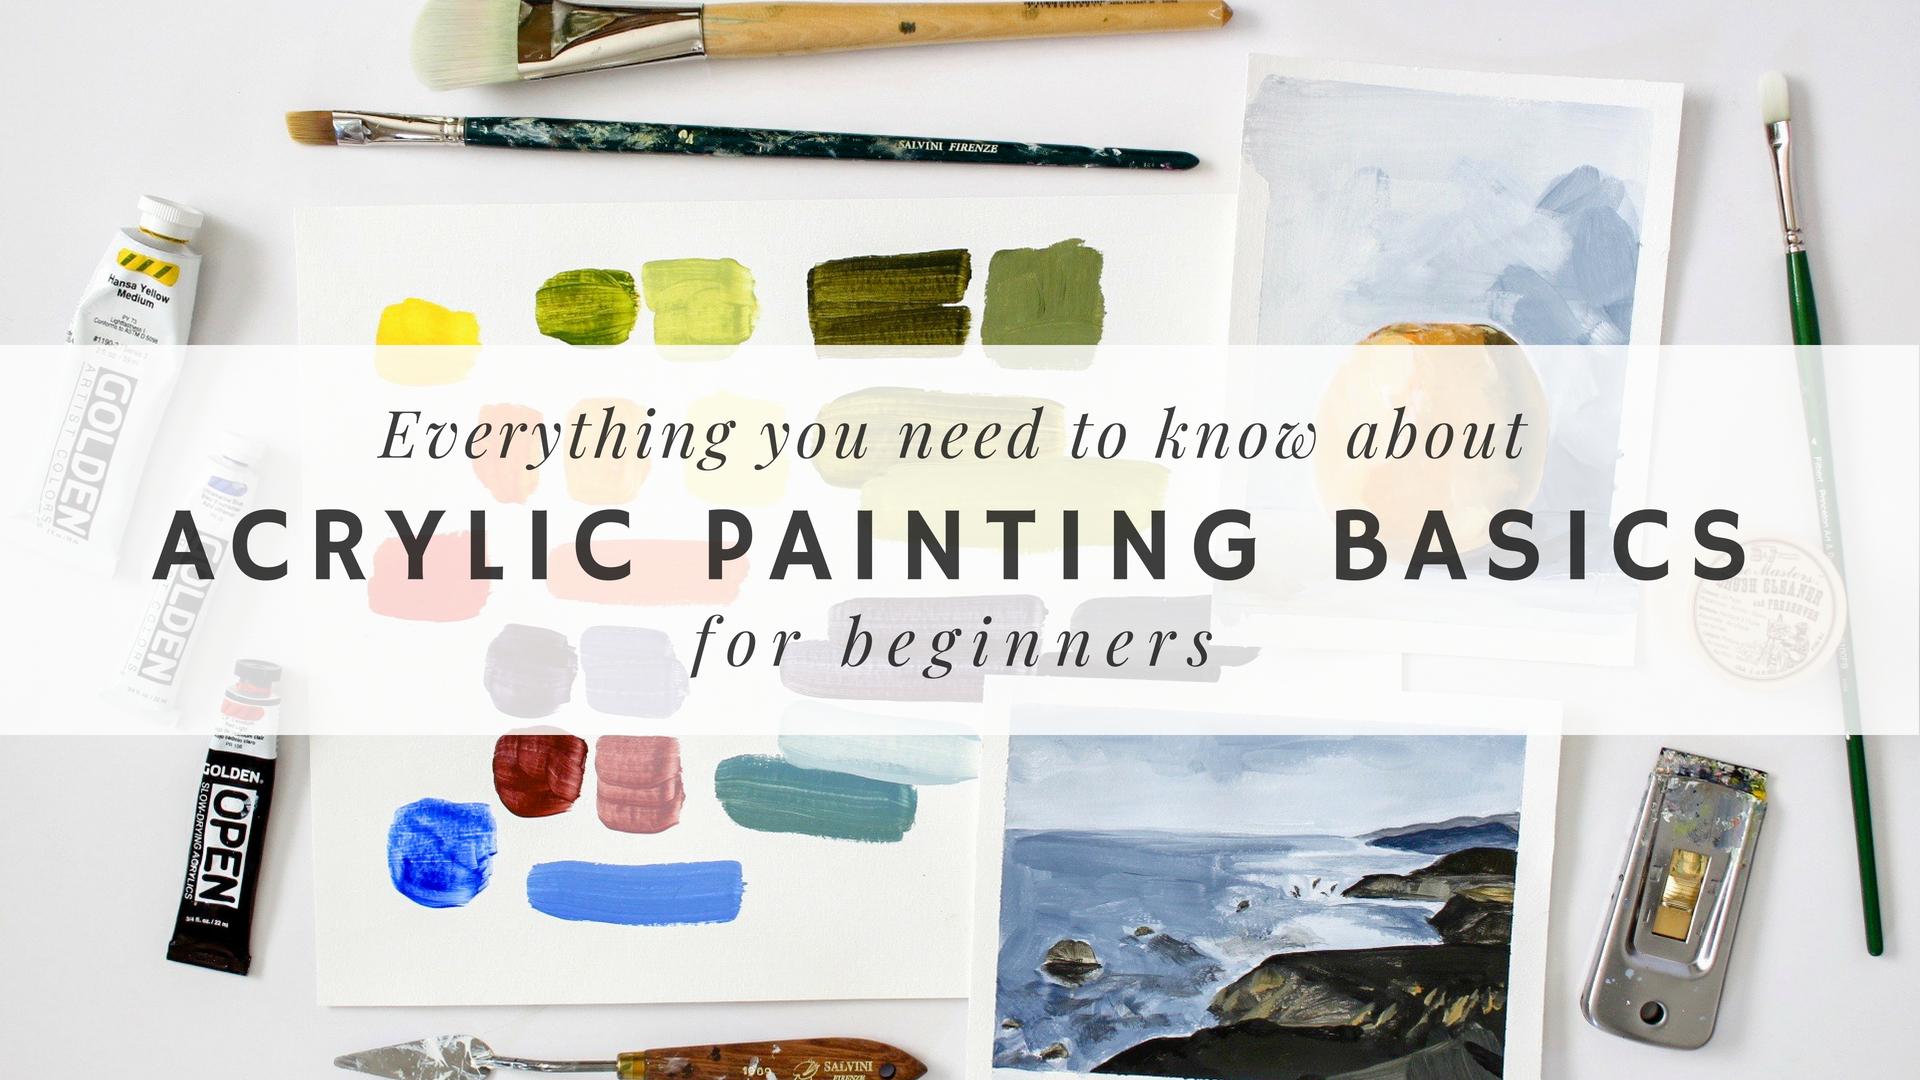 Acrylic Painting Basics